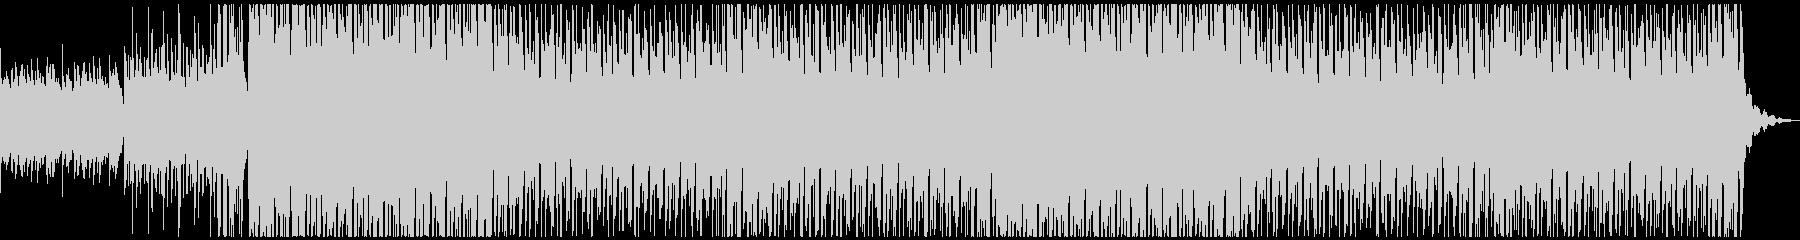 ケルト的な笛で陽気なトロピカルハウスの未再生の波形